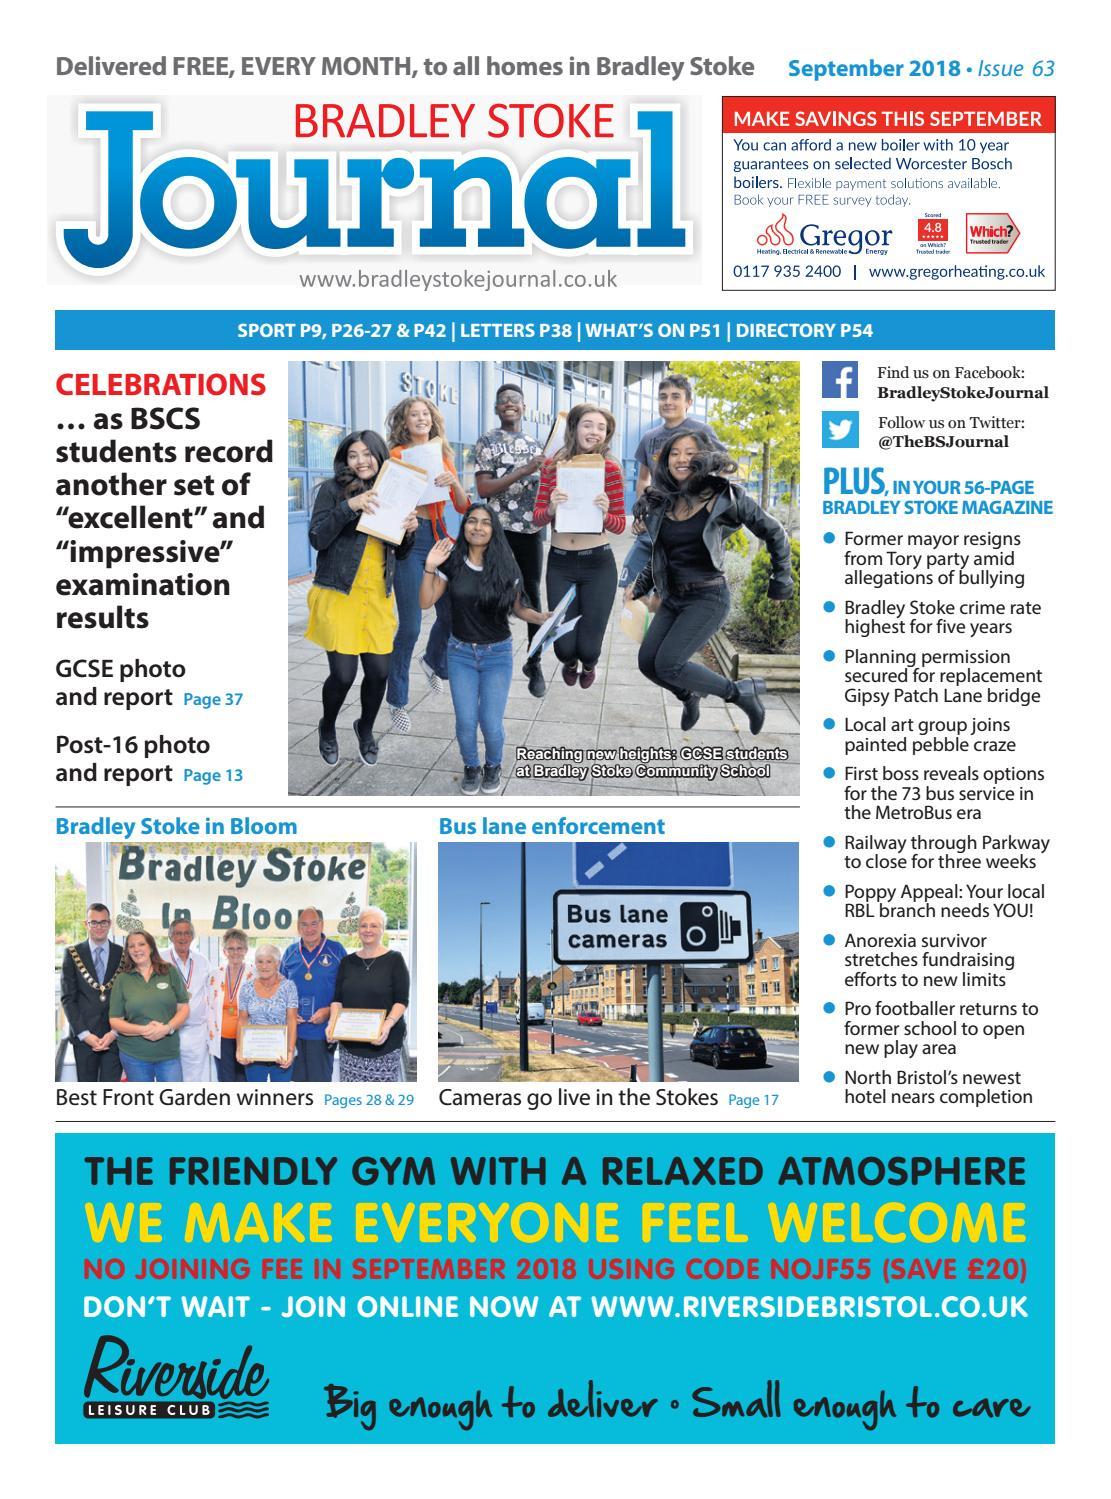 Bradley Stoke Journal, September 2018 by Bradley Stoke Journal - issuu